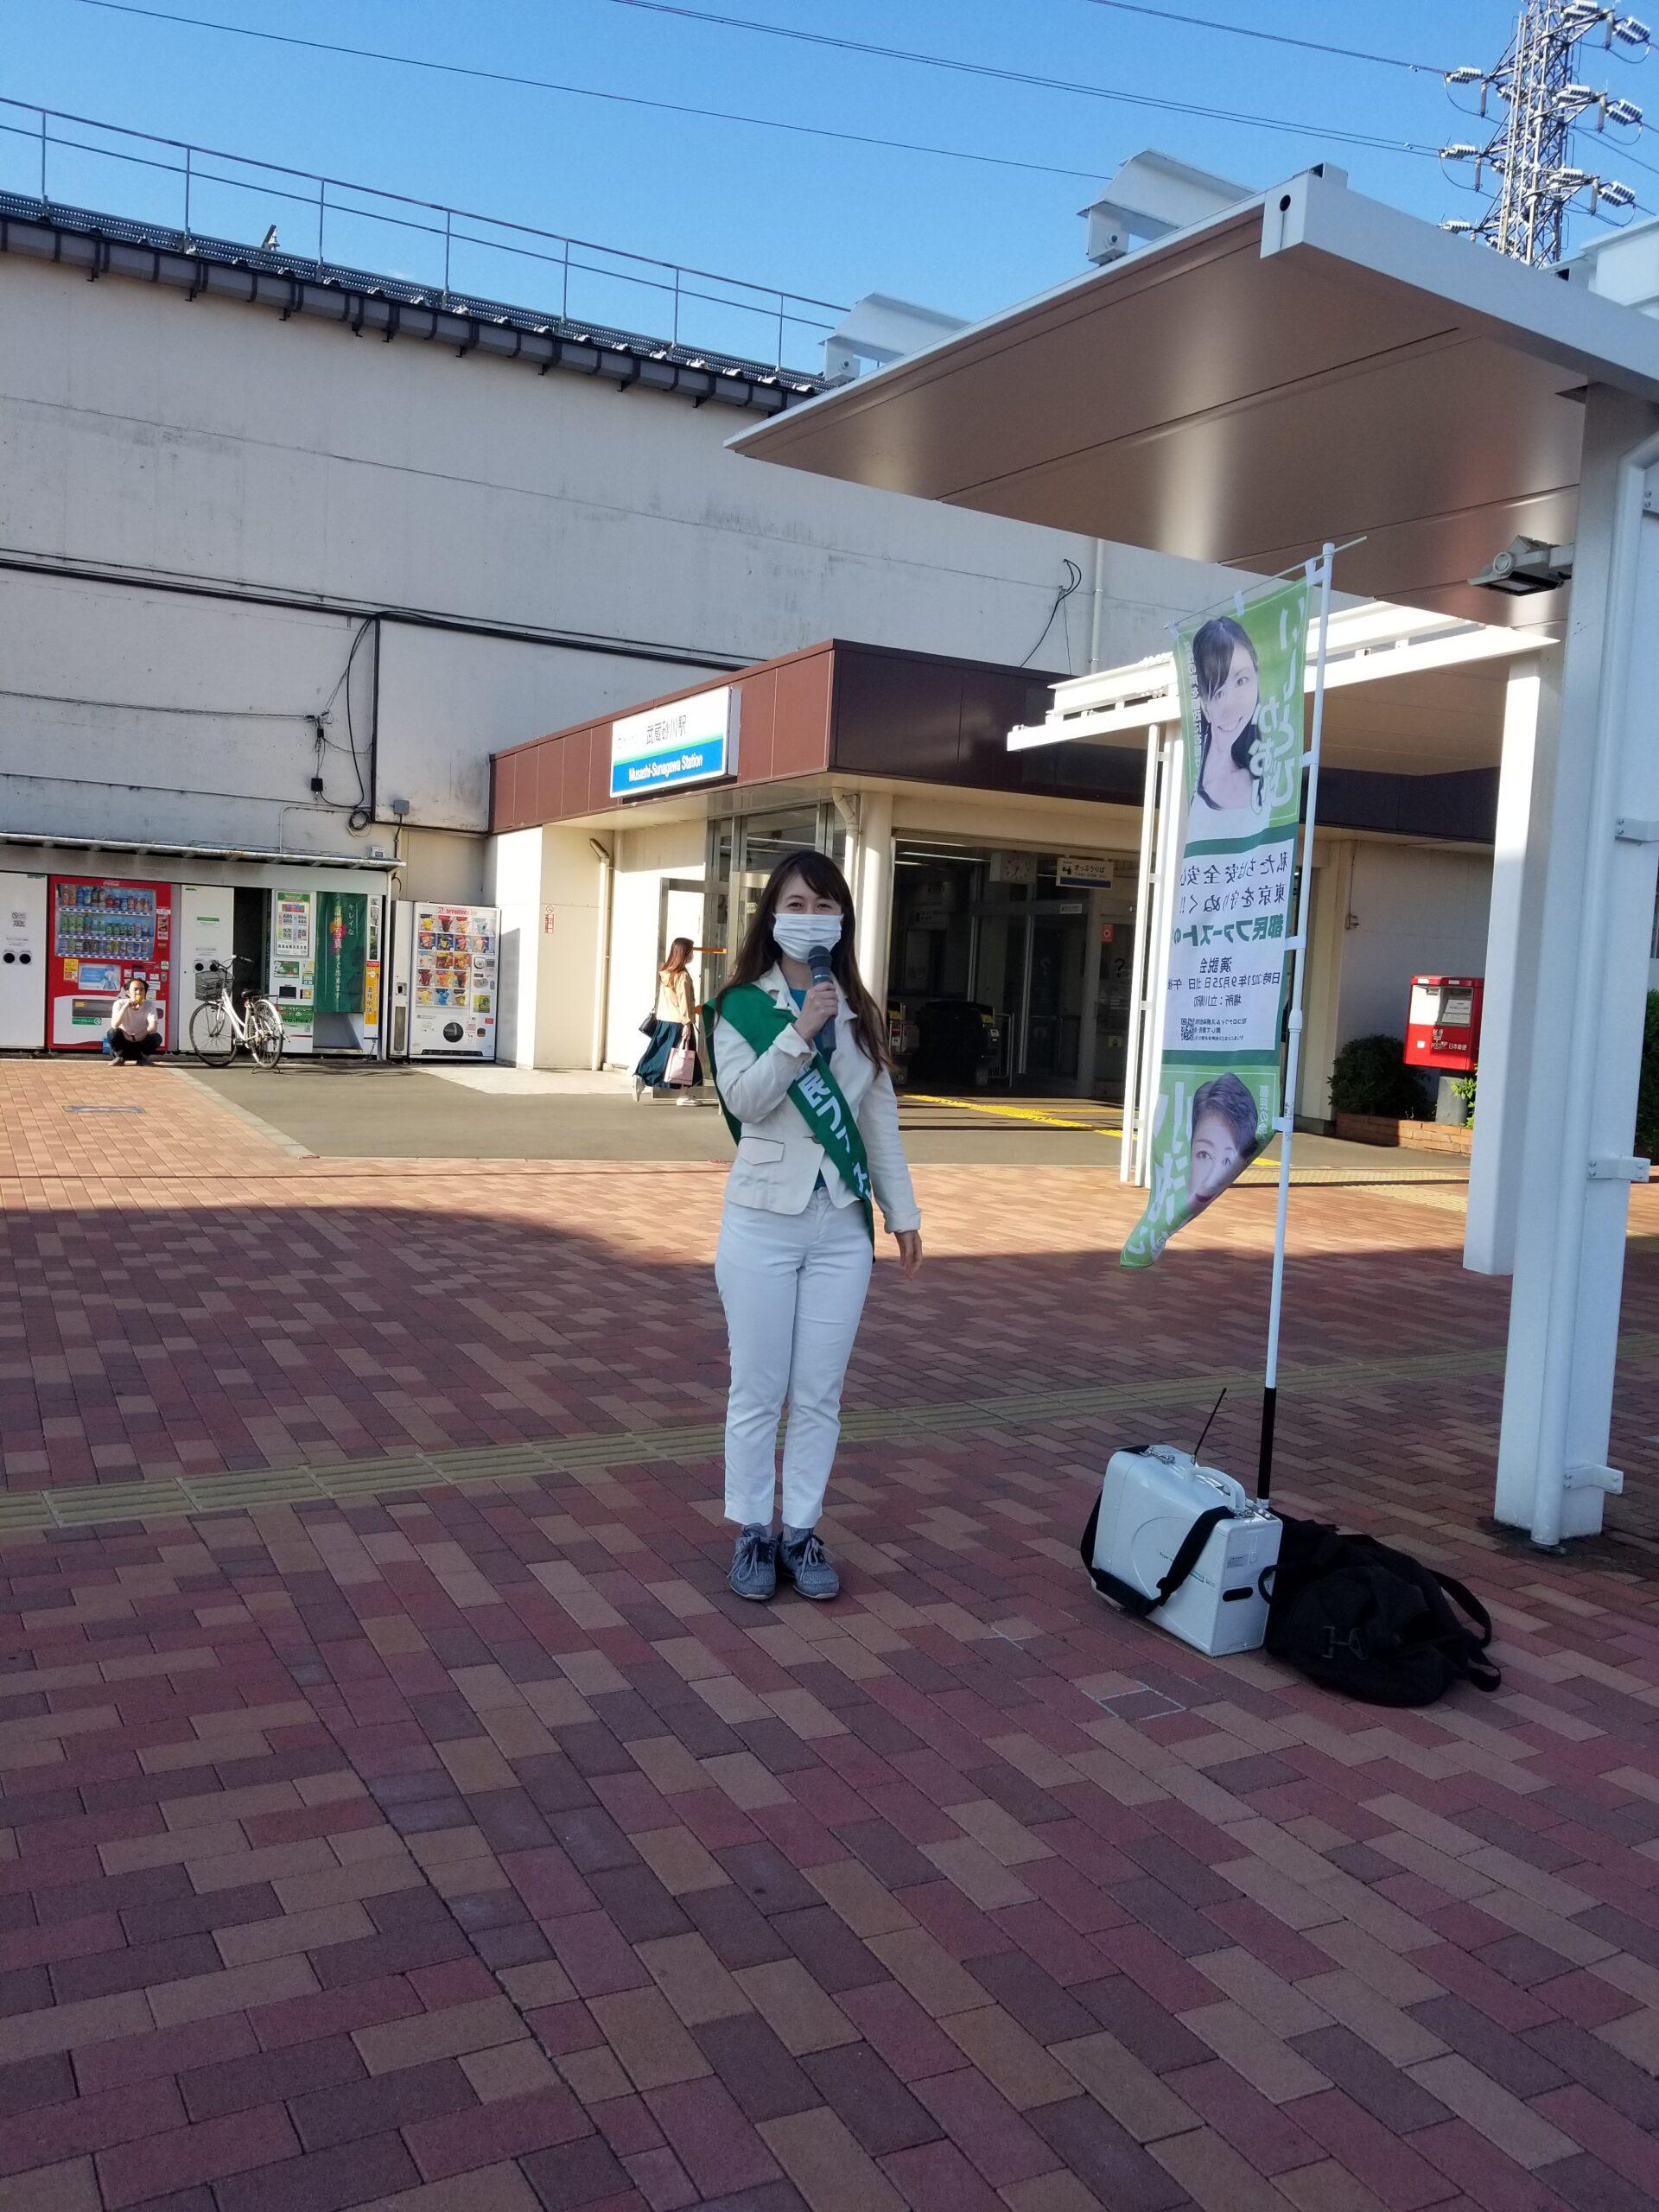 都議会議員候補(立川市)、いしとびかおり、武蔵砂川駅で朝のごあいさつ